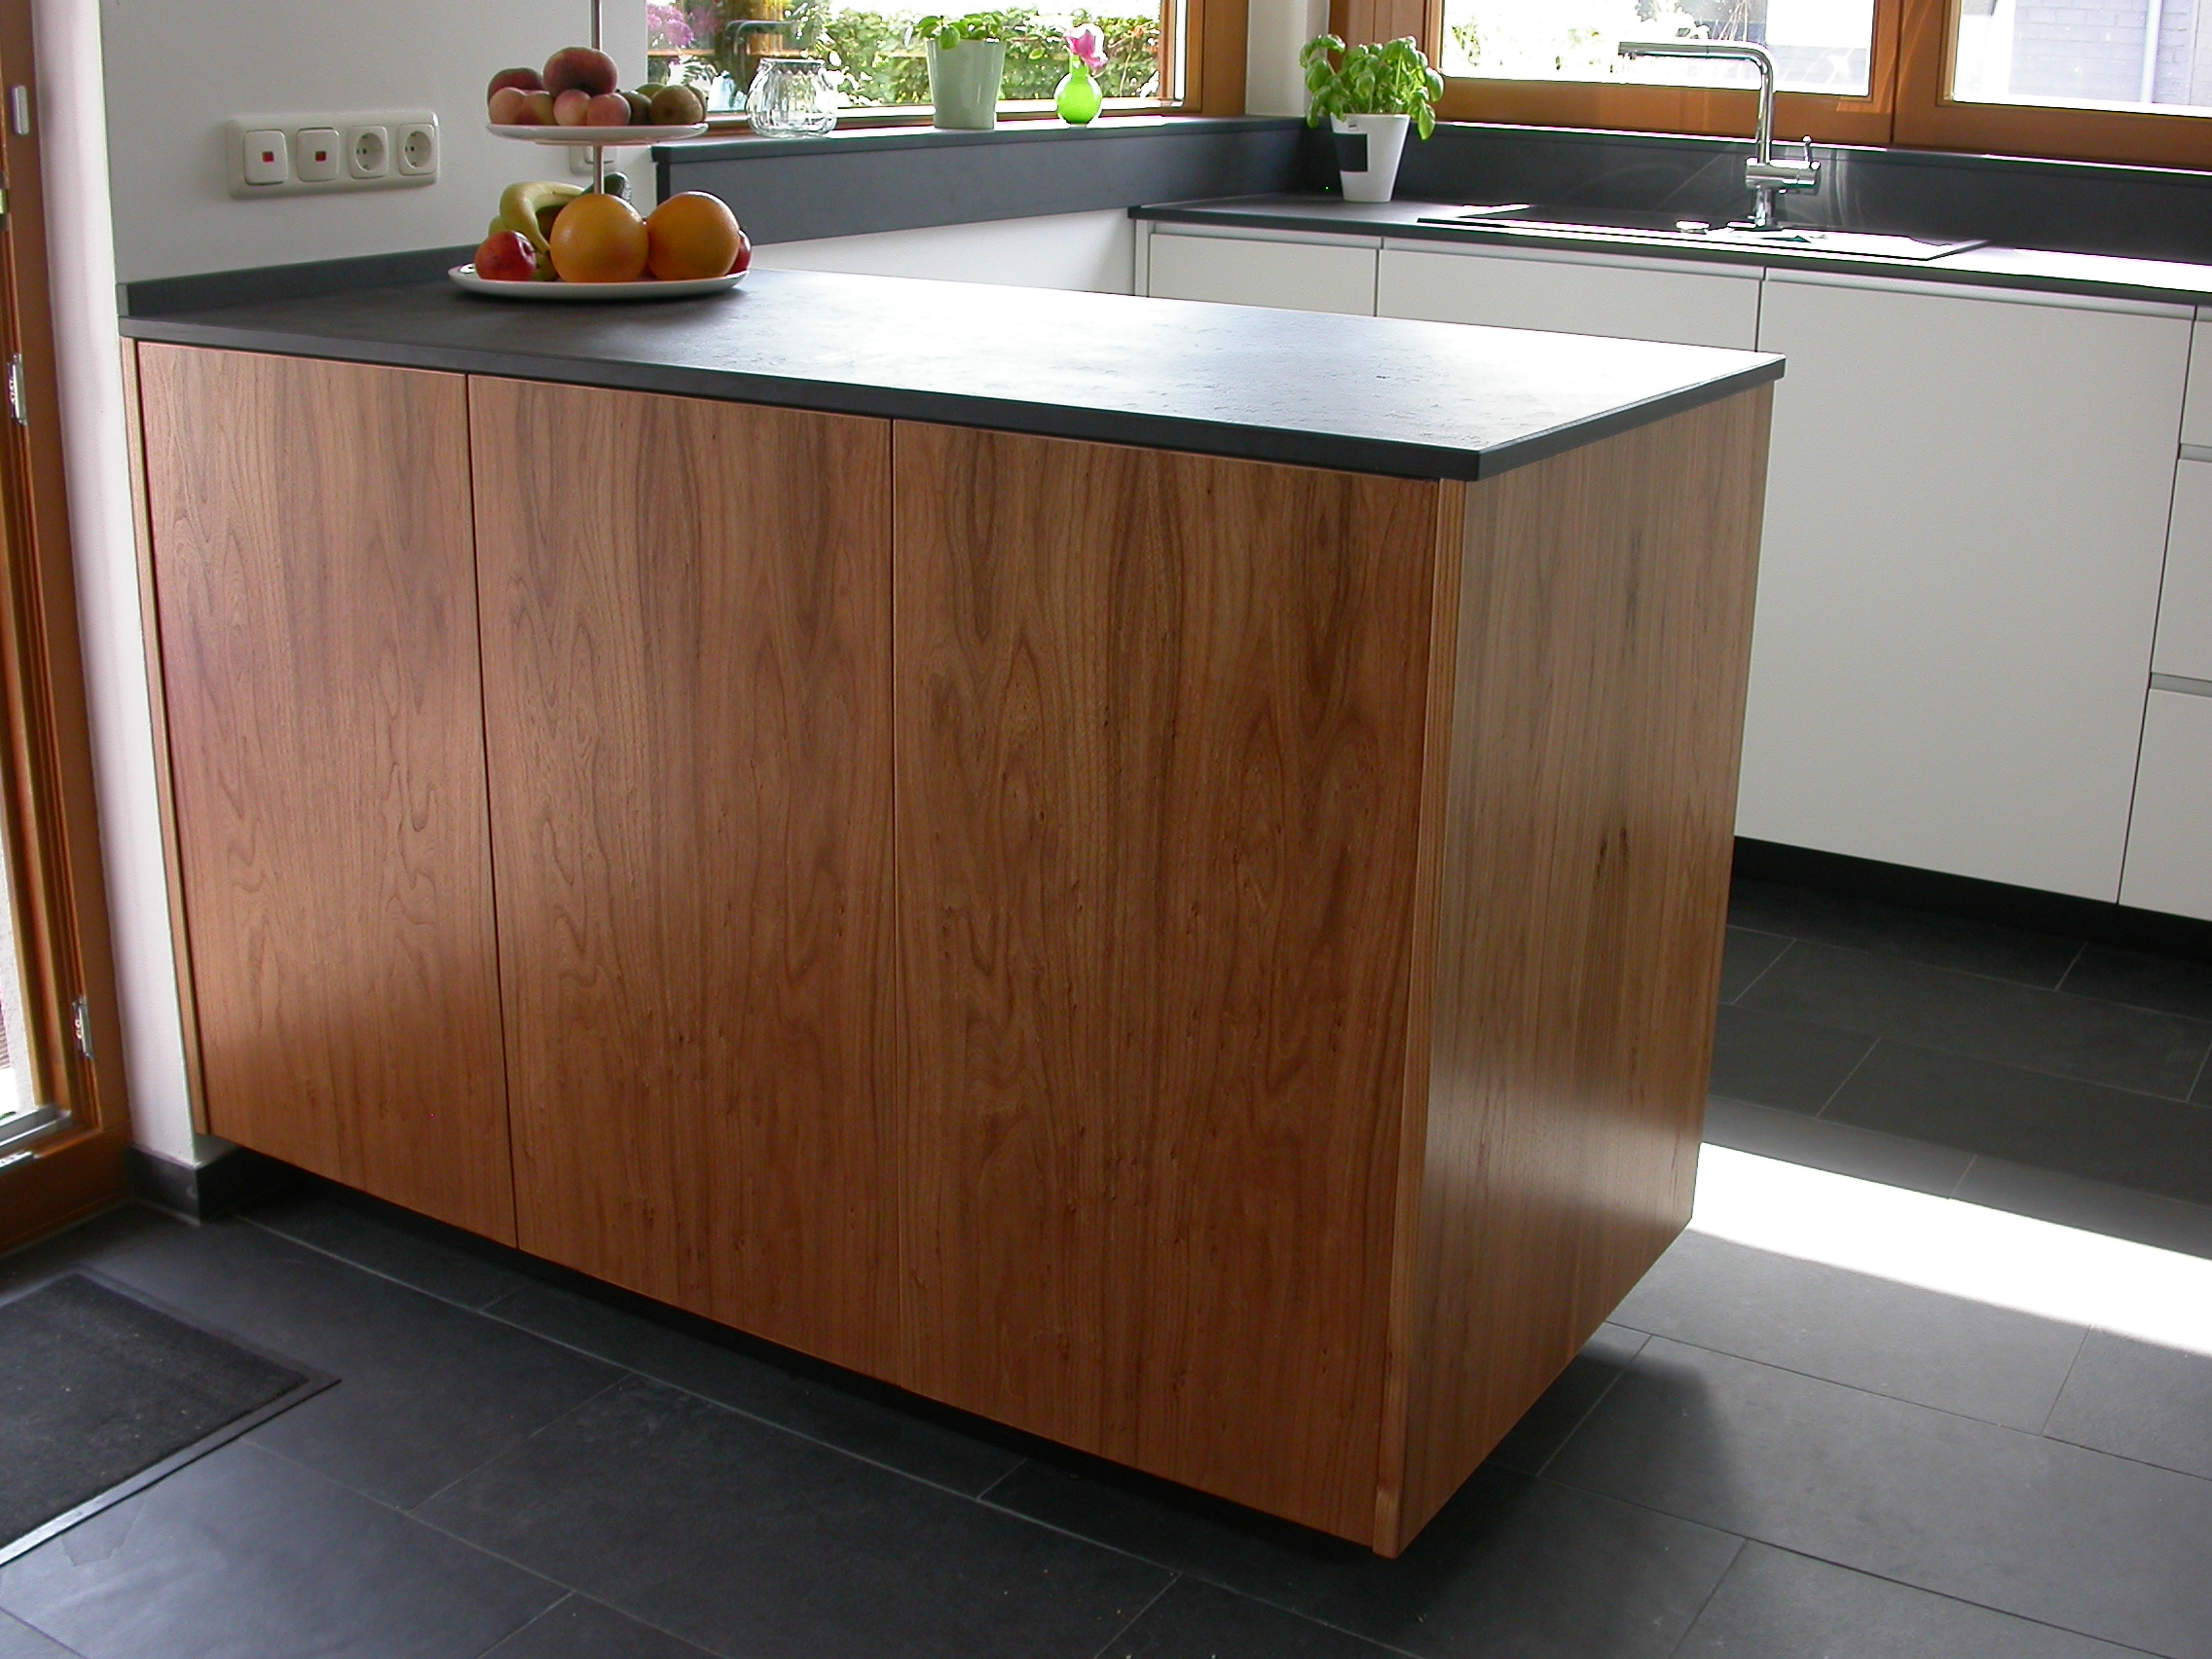 Ansicht des Küchenblocks aus Rüsterfurnier, Arbeitsplatte aus Schiefer.